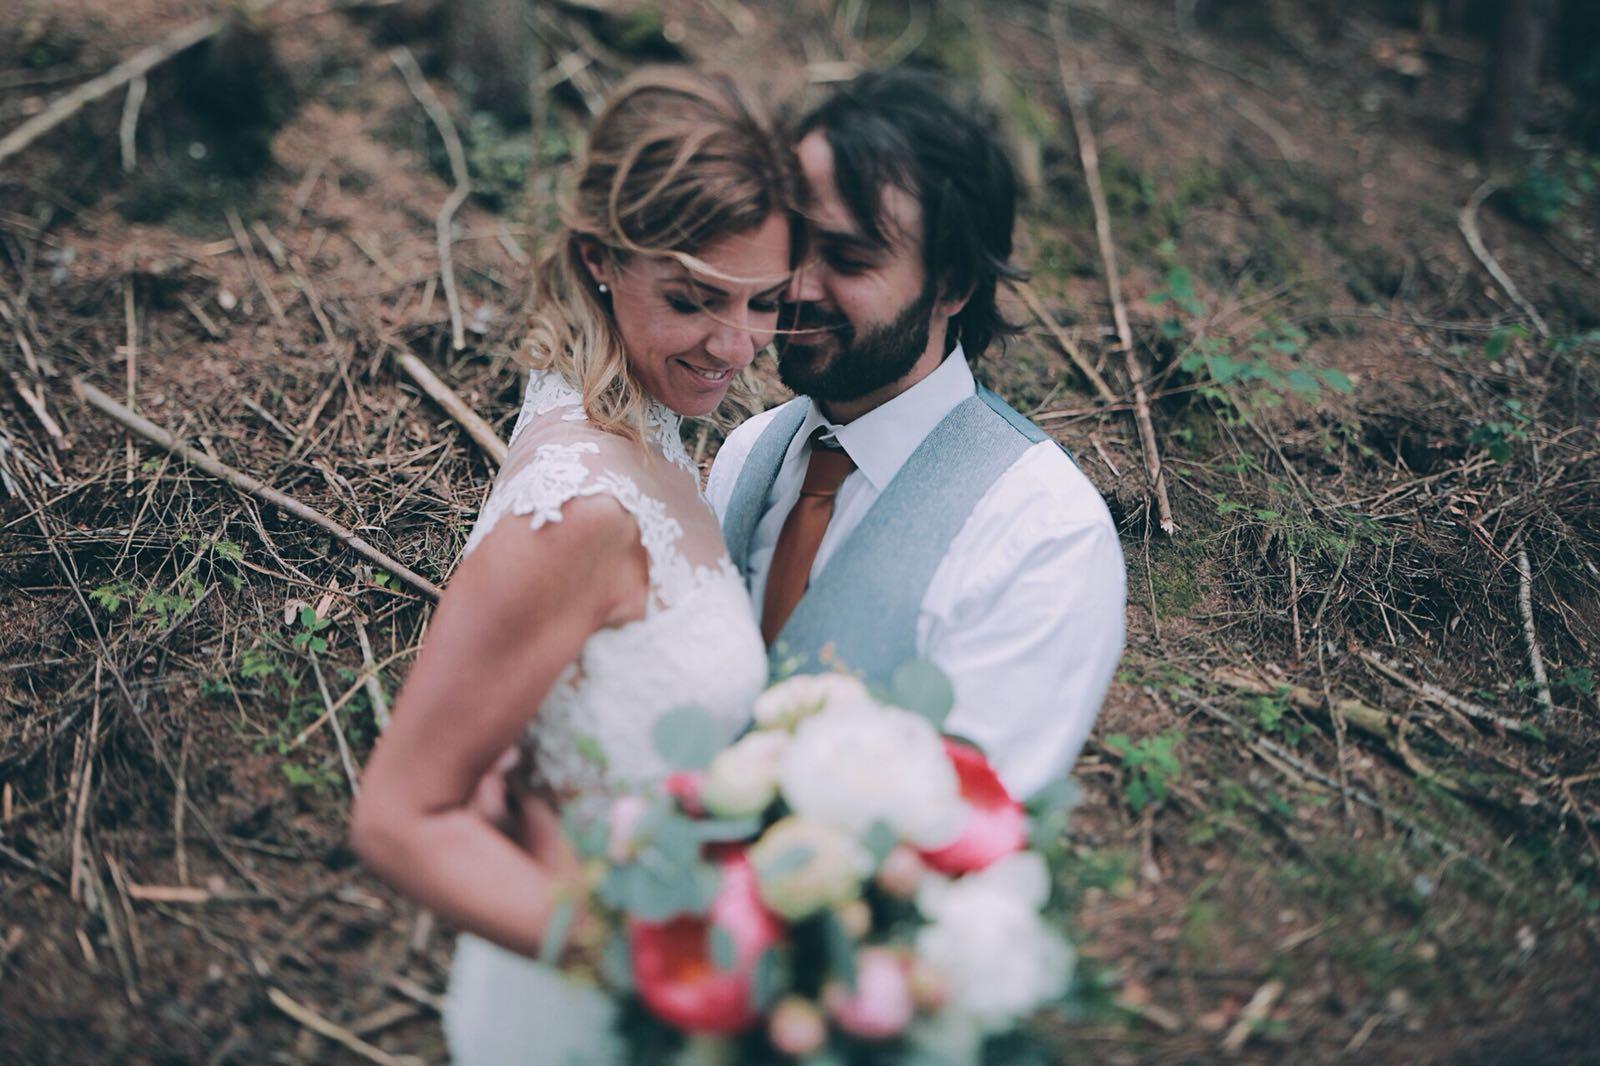 Marketingideen für Hochzeitsfotografen